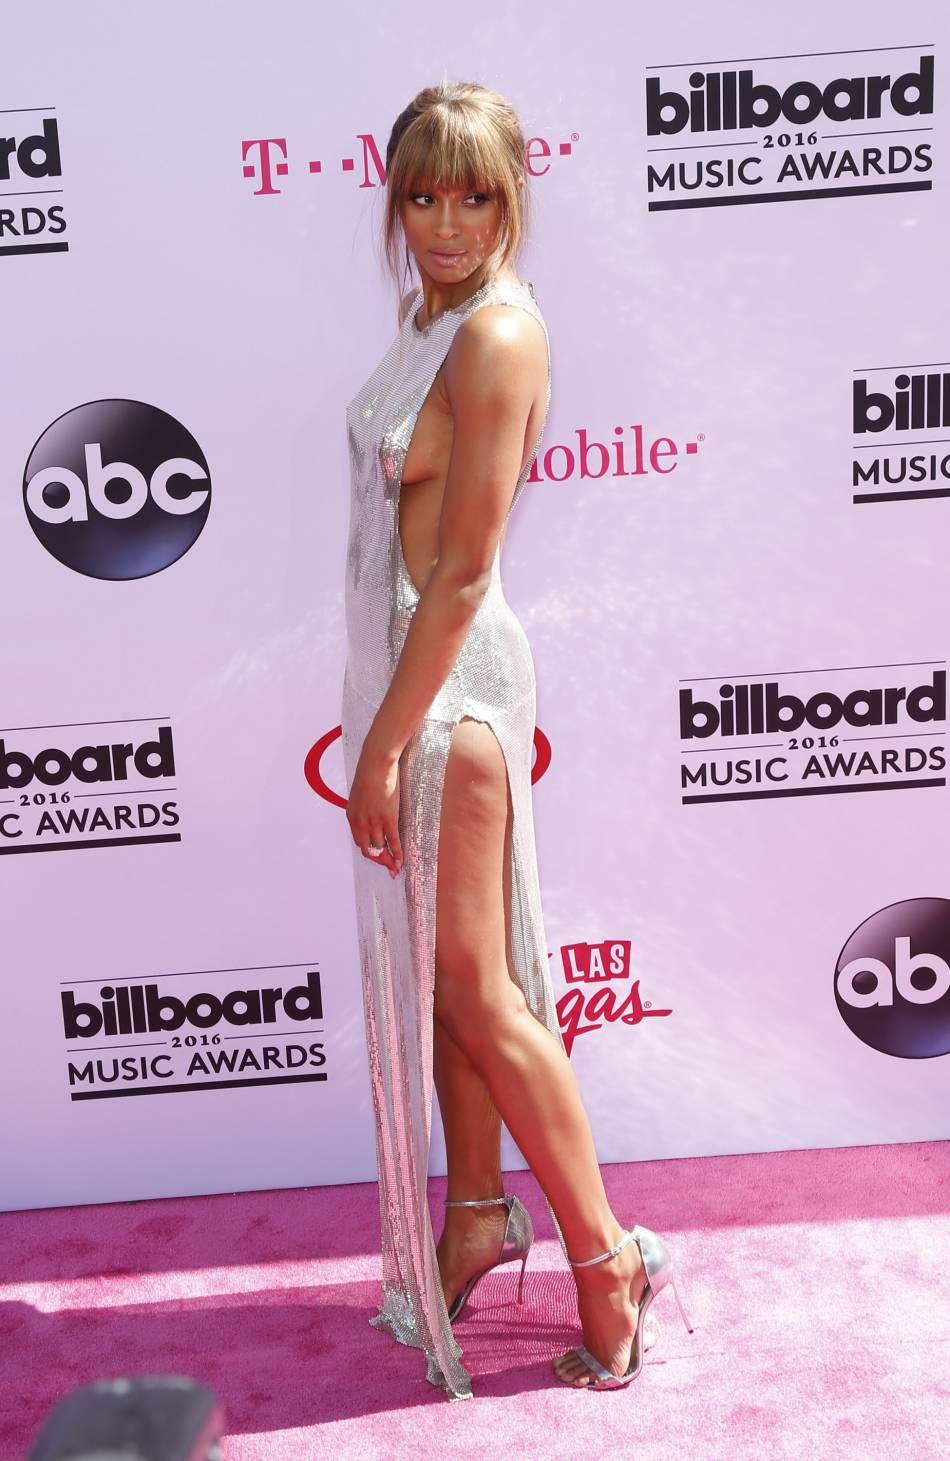 La chanteuse Ciara a fait monter la température dans sa robe argentée.